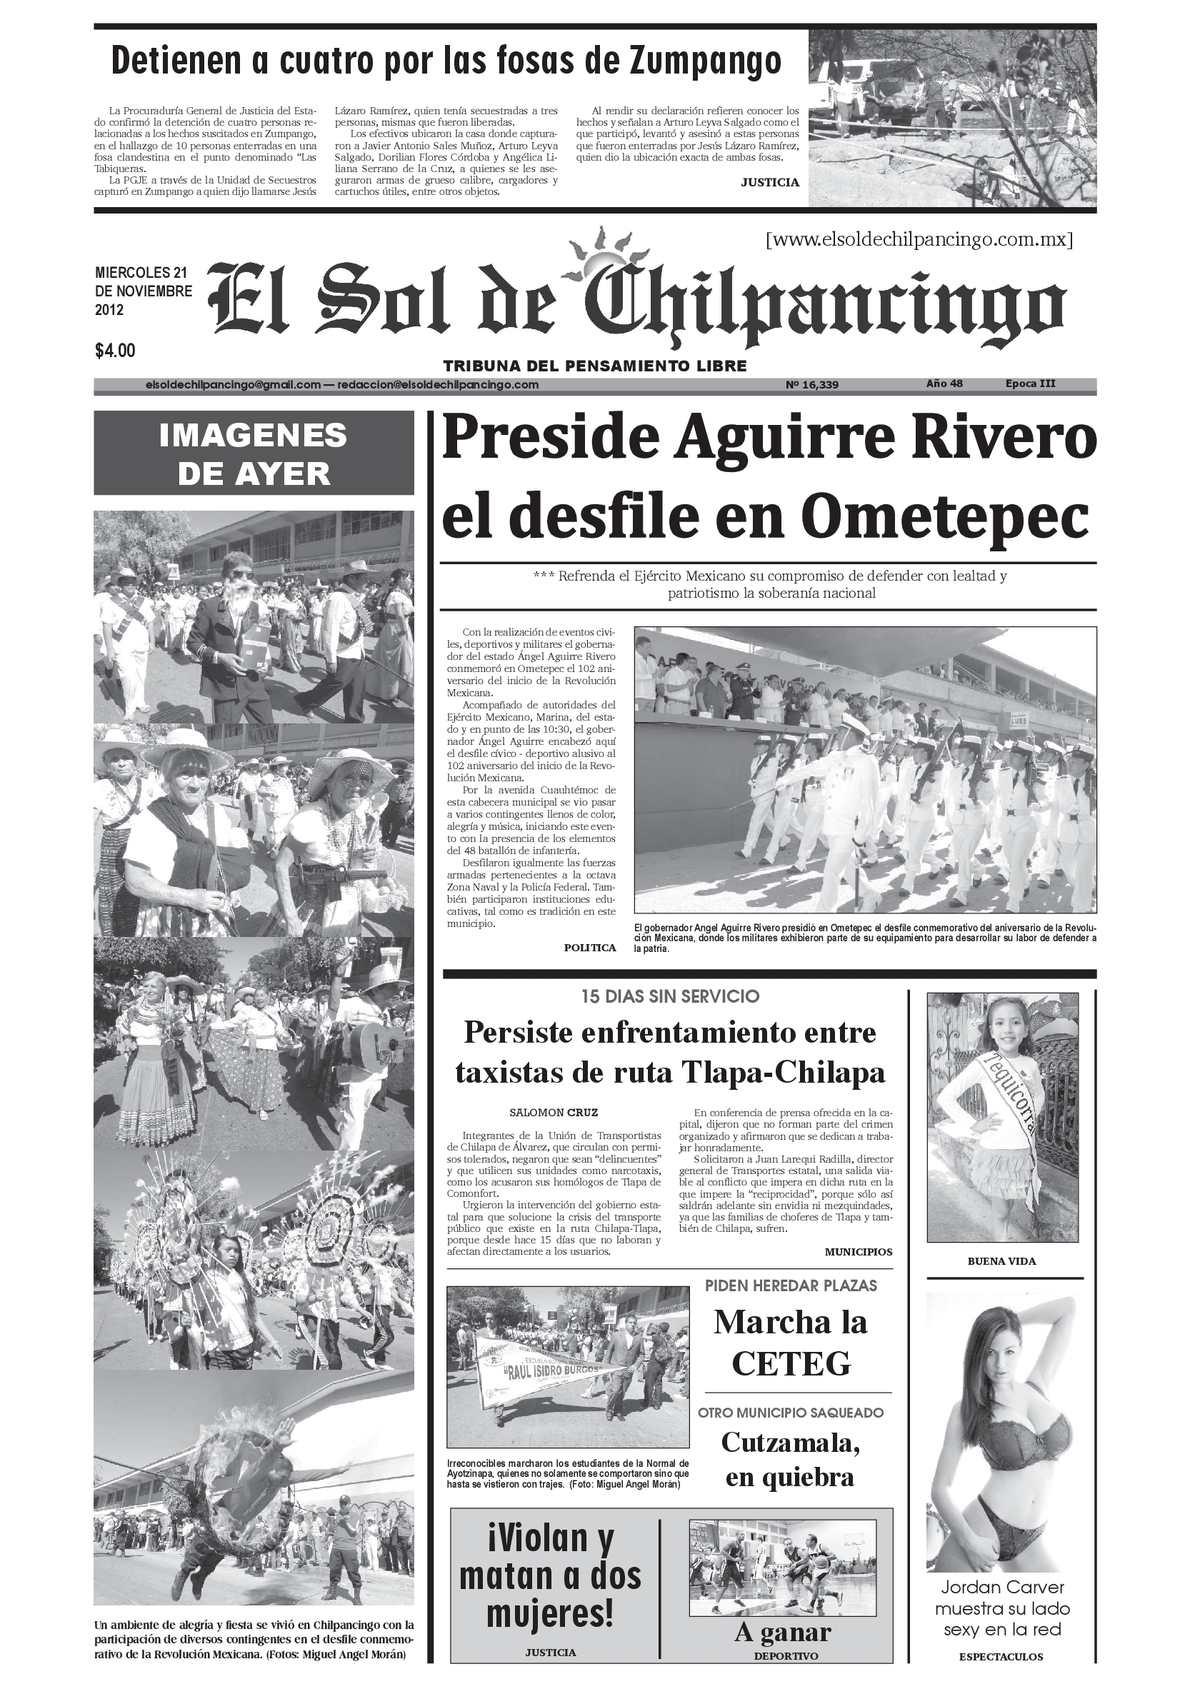 Calaméo - El Sol de Chilpancingo - 21 Noviembre 2012